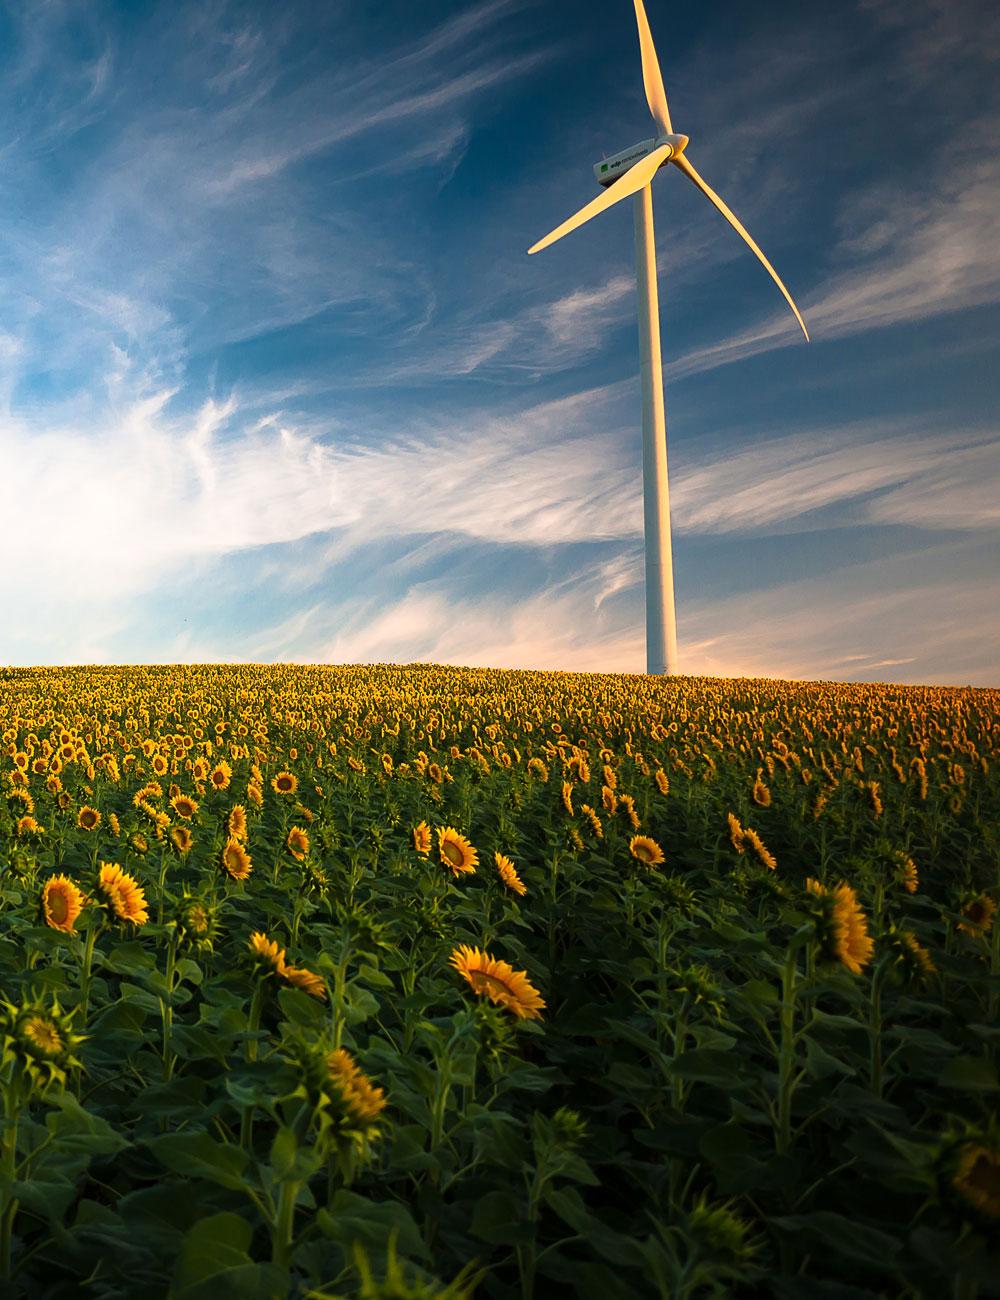 Wind turbine in a sunflower field